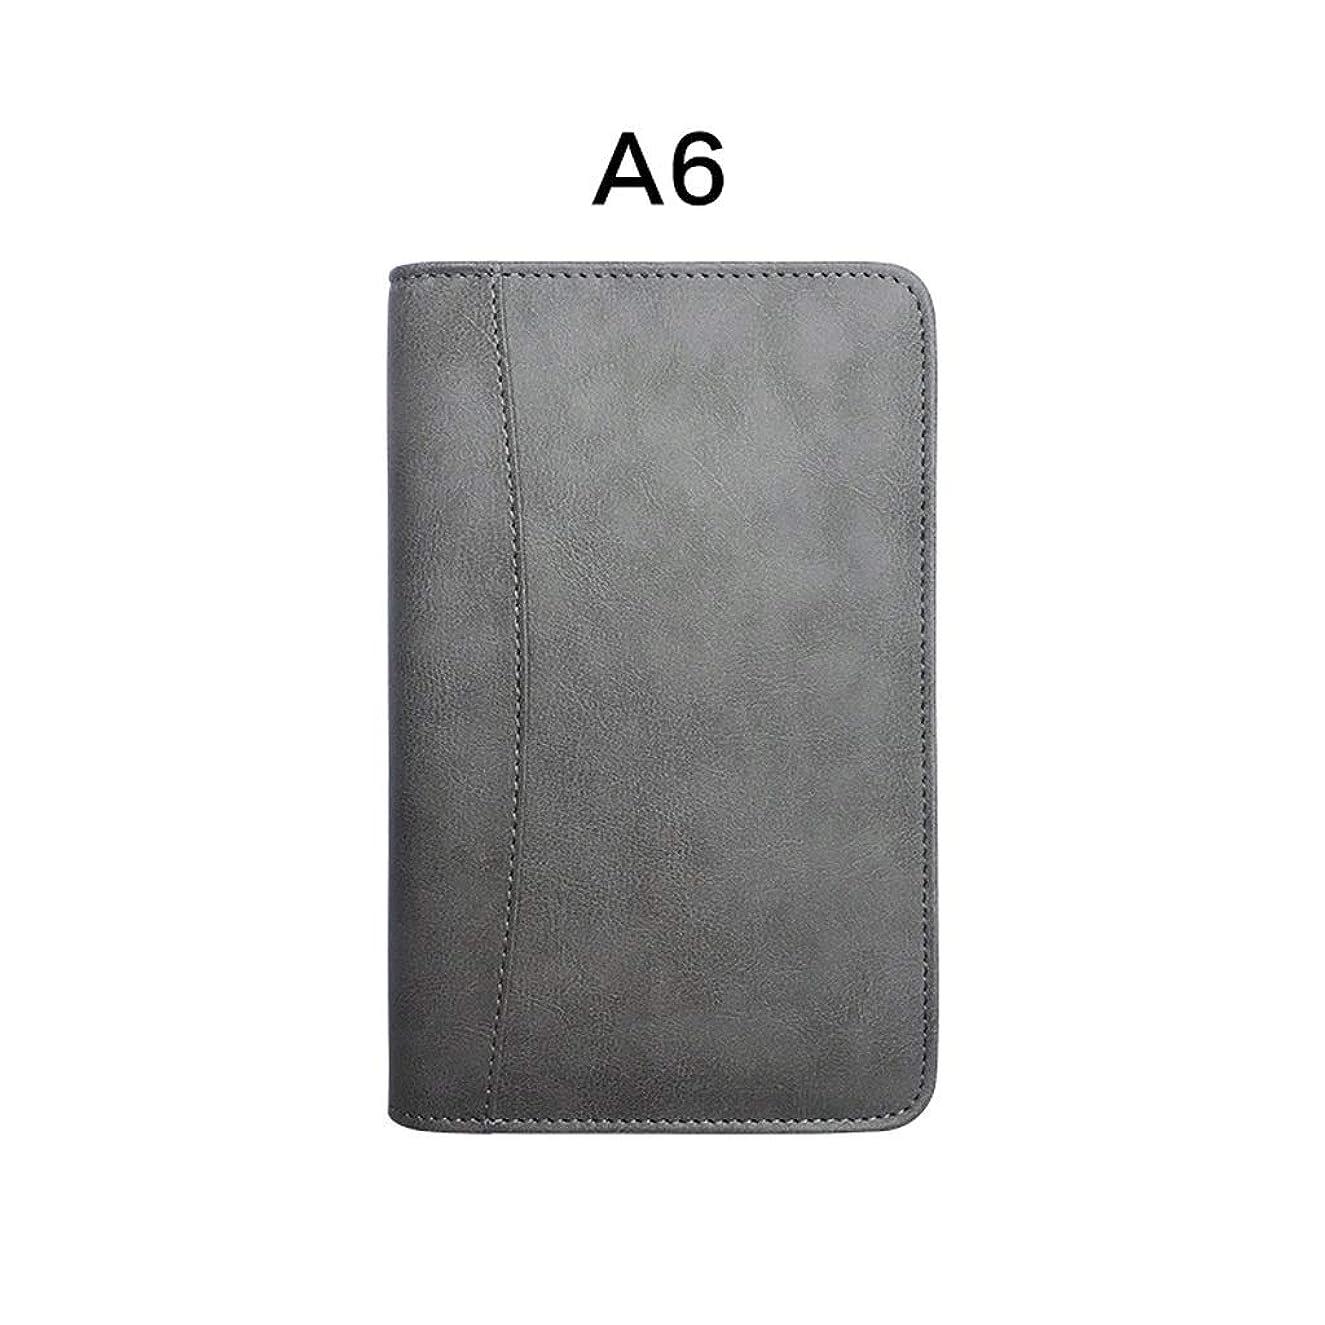 厚手のノート ノートブックステーショナリールーズリーフA5ビジネス多機能B5ジッパーバッグハンドアカウントノートブックオフィス200ページ黒 ポータブル (Color : Gray, サイズ : 13*21cm)